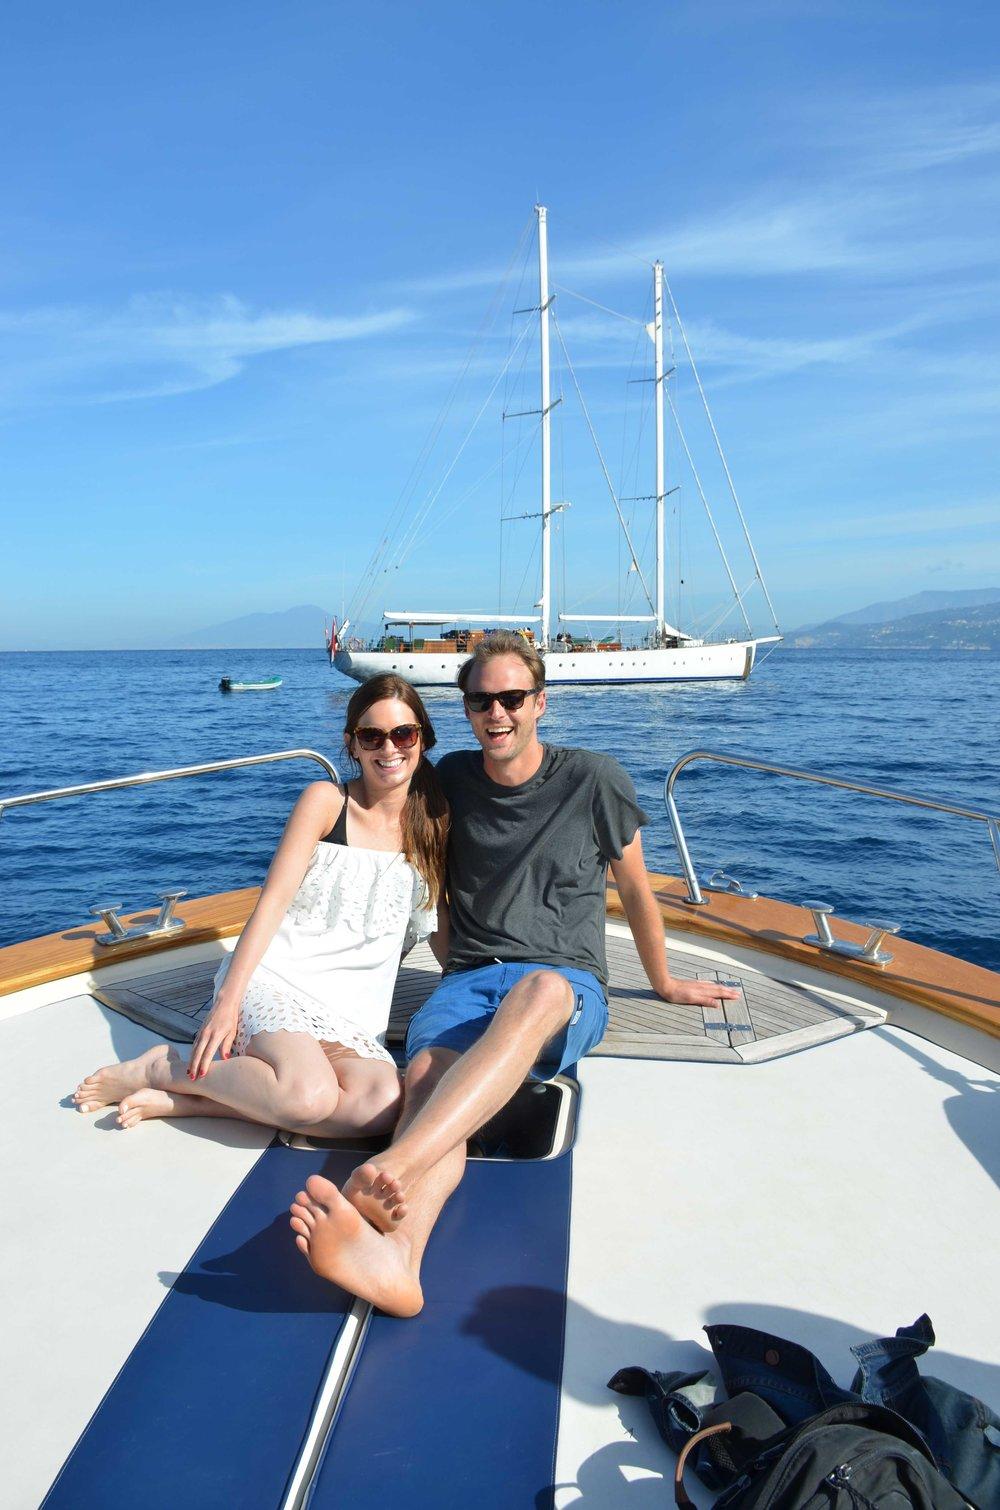 Capri_Boat_Ride.jpg